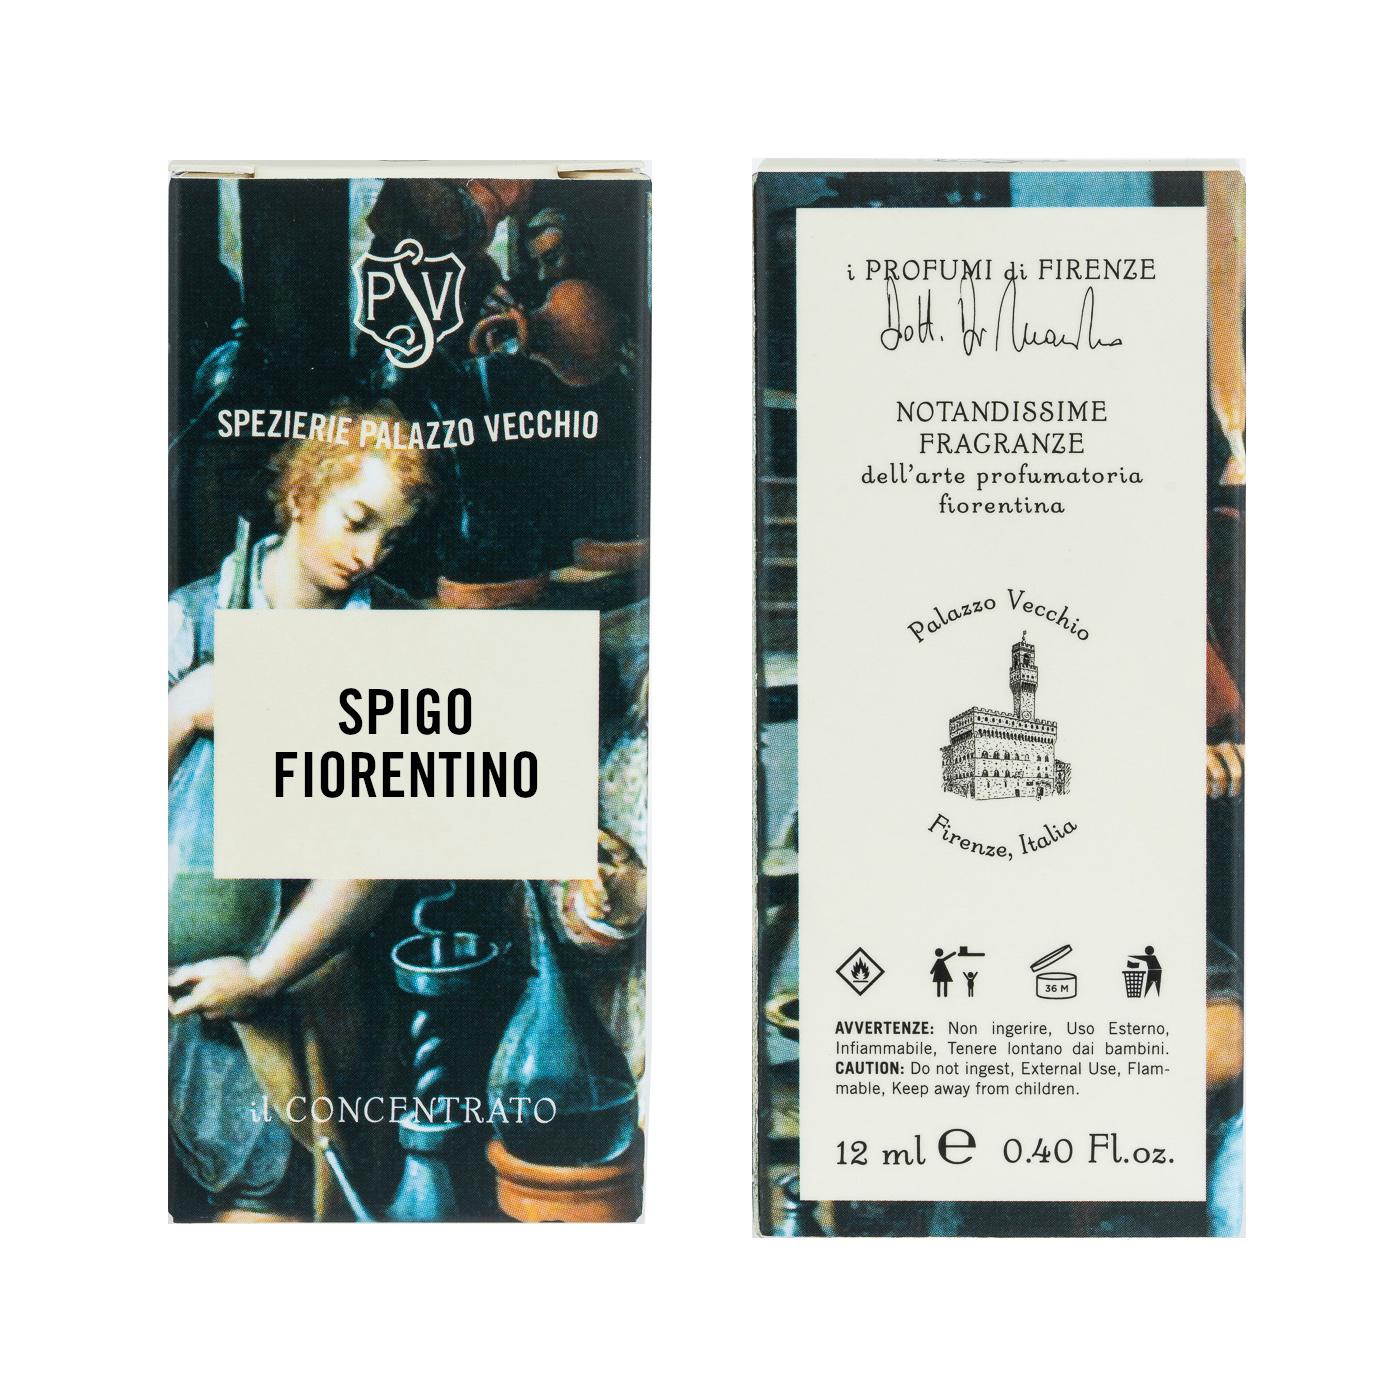 SPIGO FIORENTINO - Il Concentrato-4543